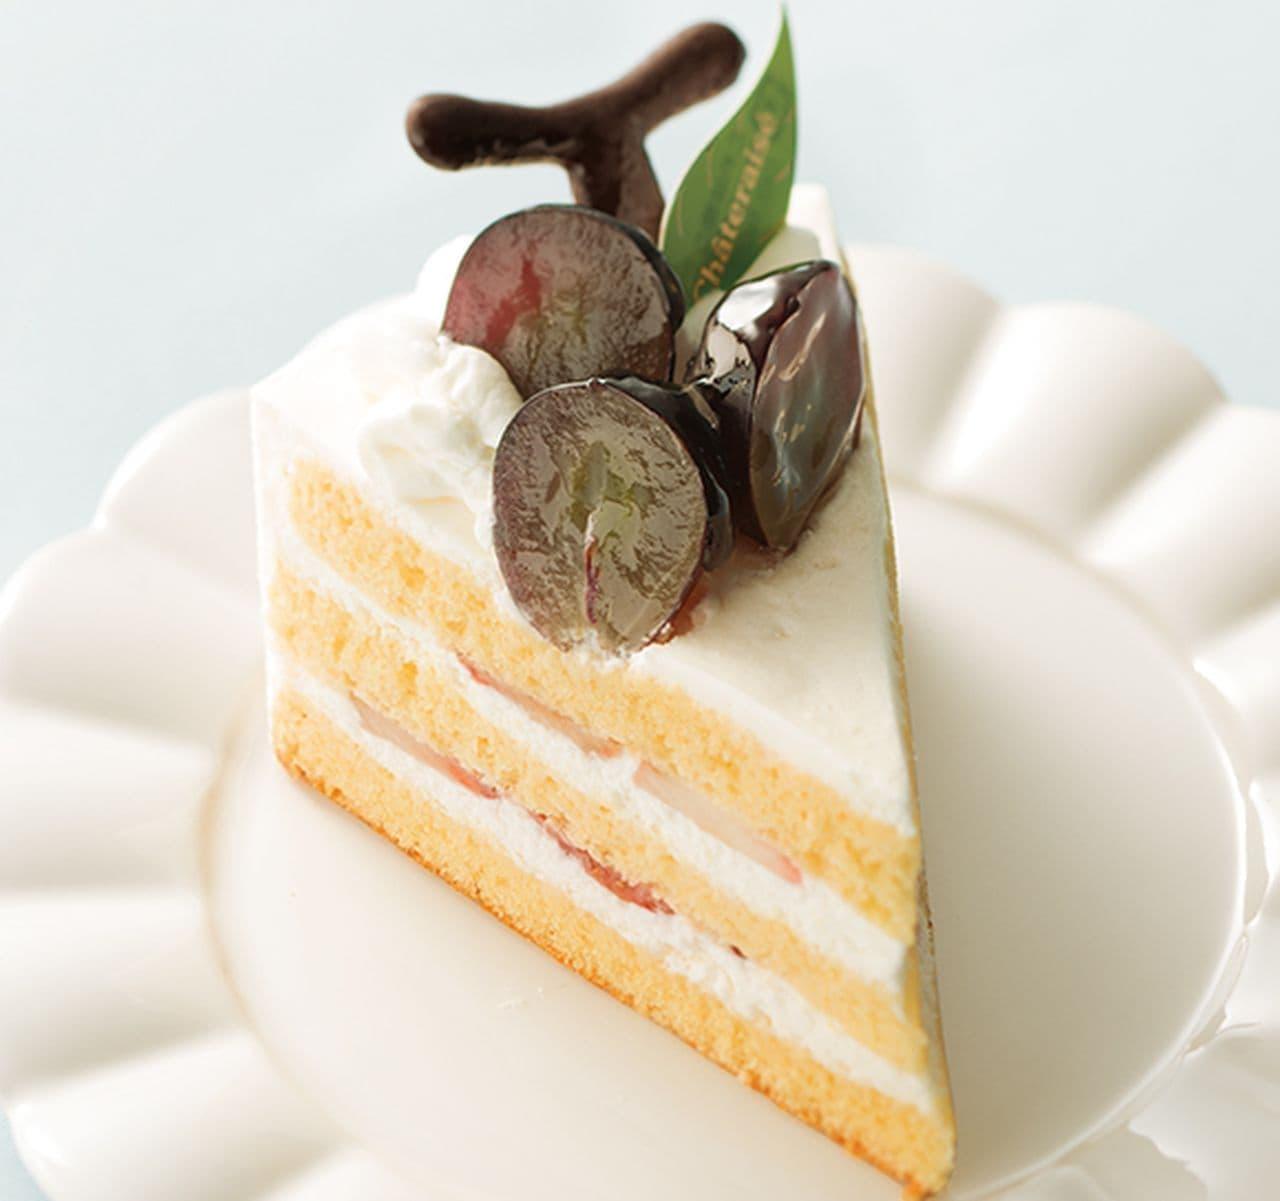 シャトレーゼ「山梨県産ピオーネ使用ピオーネのプレミアムショートケーキ」